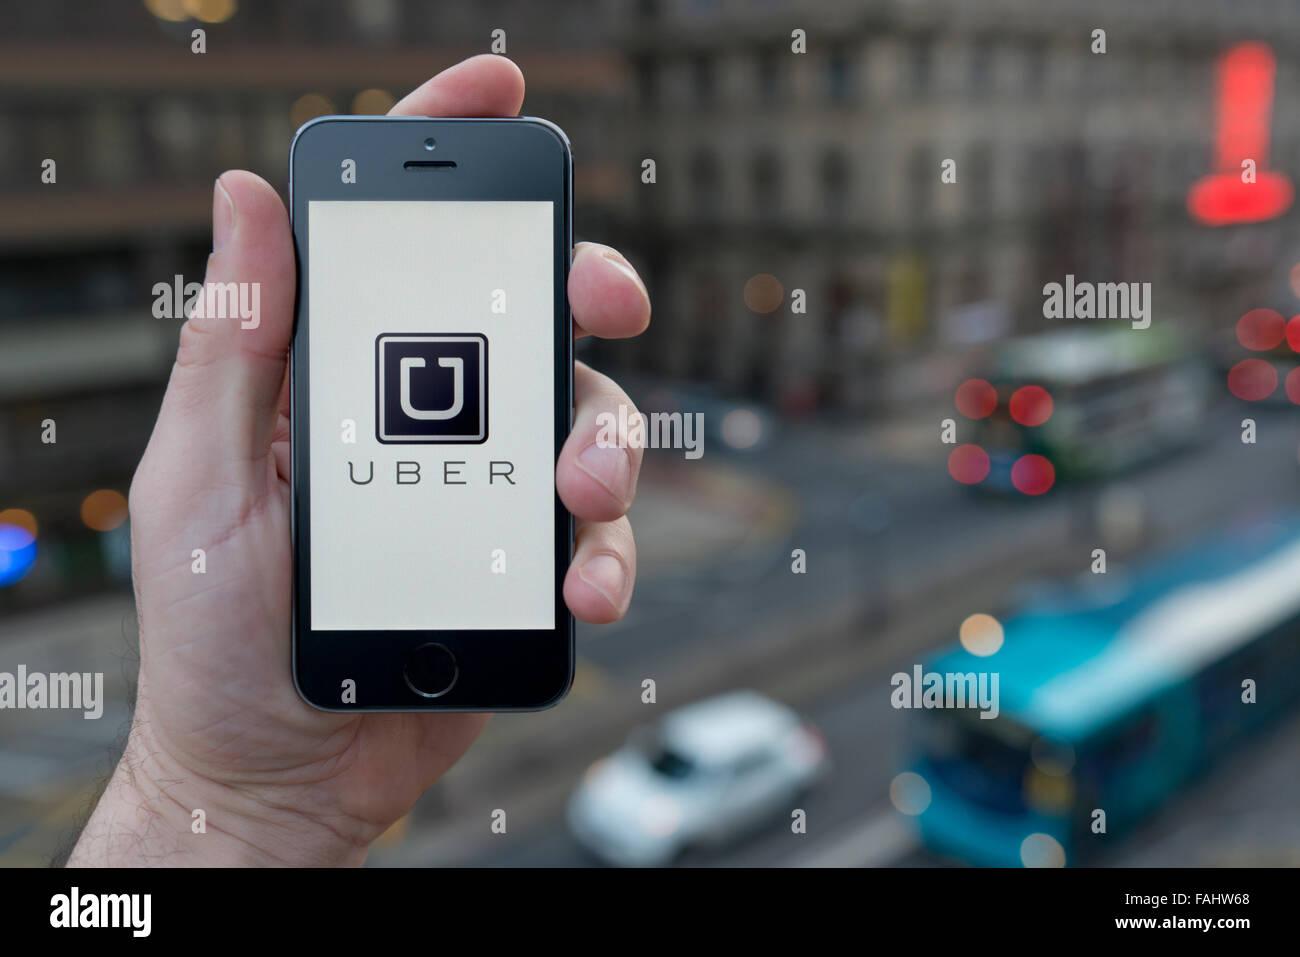 Un homme utilise l'application pour smartphone taxi Uber, tandis que se tenait dans un grand bâtiment donnant Photo Stock